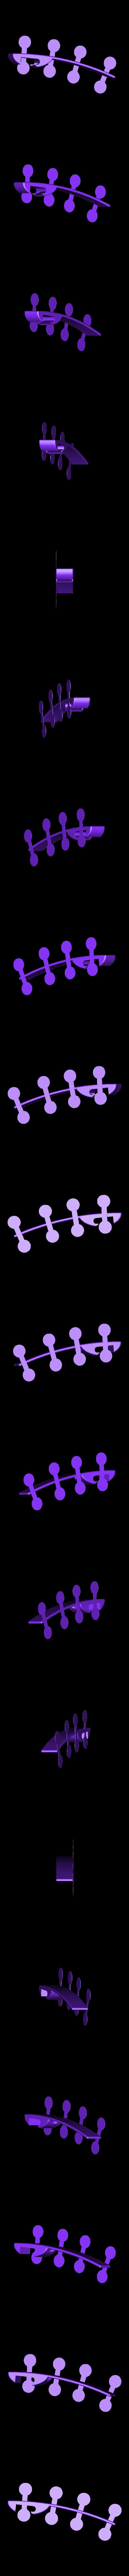 Flaschenoeffner_V1.1-ohneText.stl Télécharger fichier STL gratuit Décapsuleur v1.1 • Plan imprimable en 3D, dede67